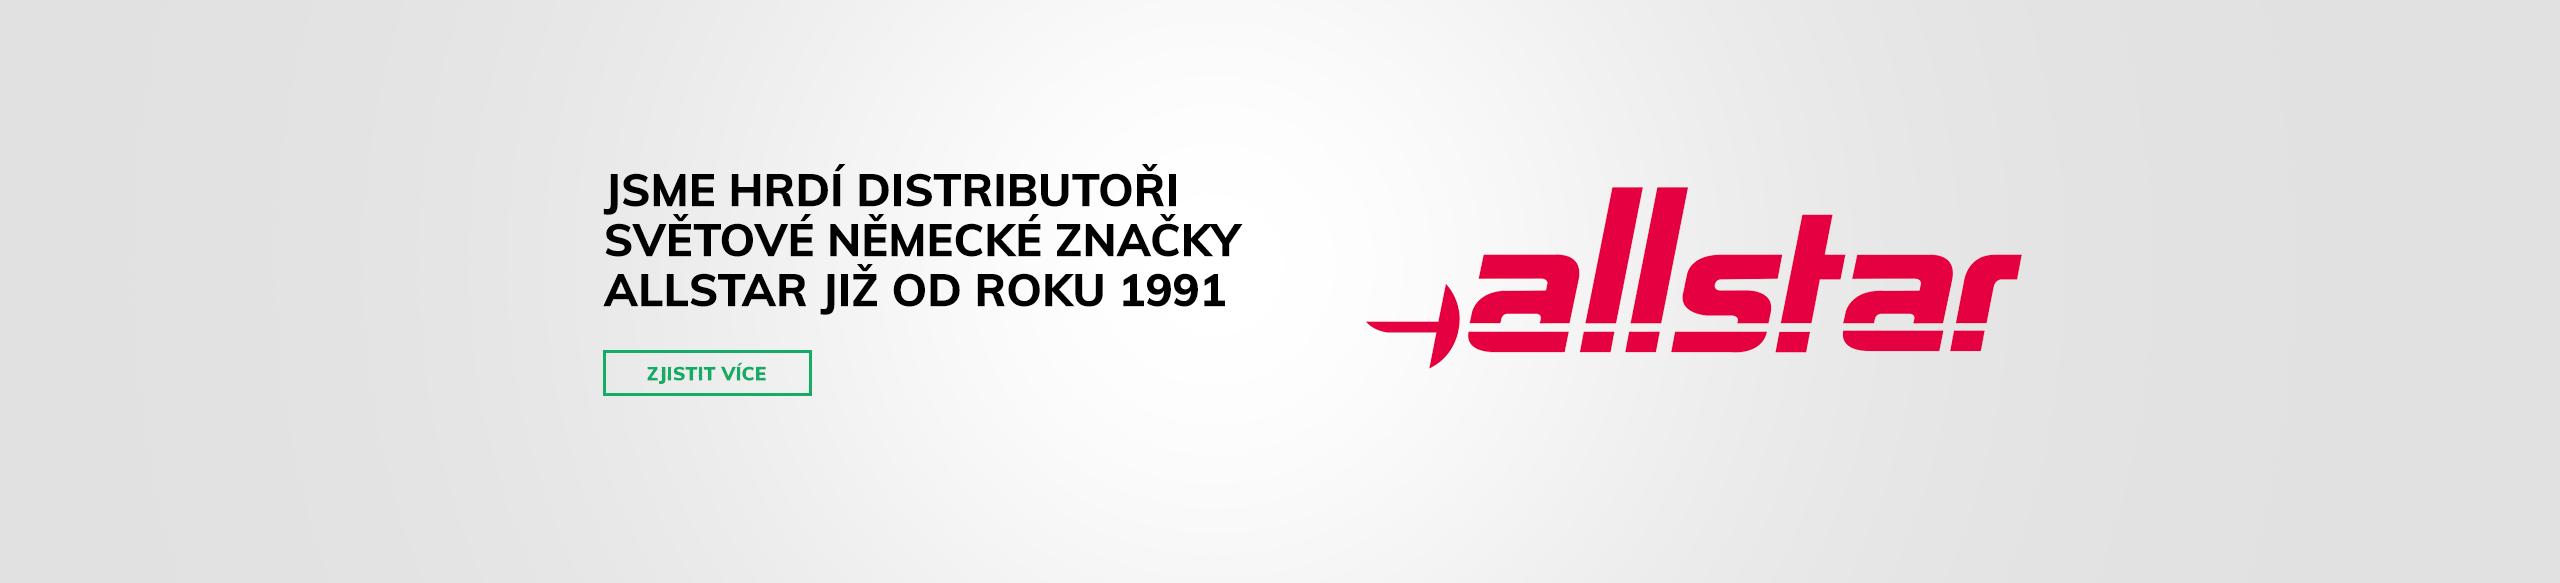 Jsme hrdý výhradní distributor firmy Allstar již od roku 1991 pro Českou republiku, nakupujte šermířské vybavení Allstar v eshopu 5MFENCING.COM